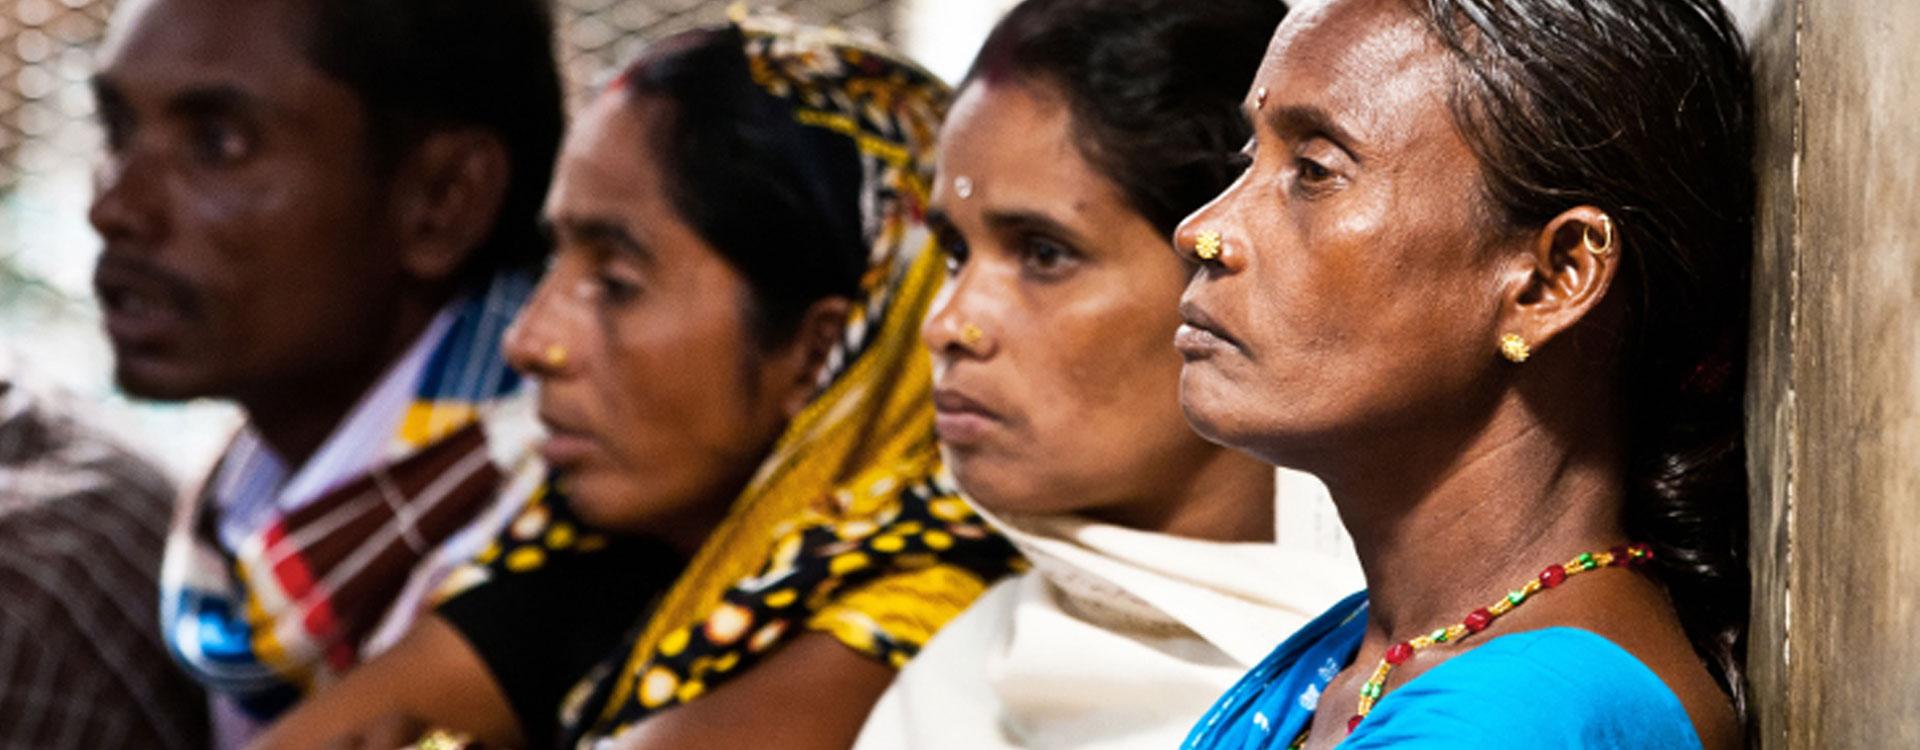 चित्तूर के गांवों में कैंसर से हो रही है मौतें, ग्रामीण जी रहे हैं दहशत में 23